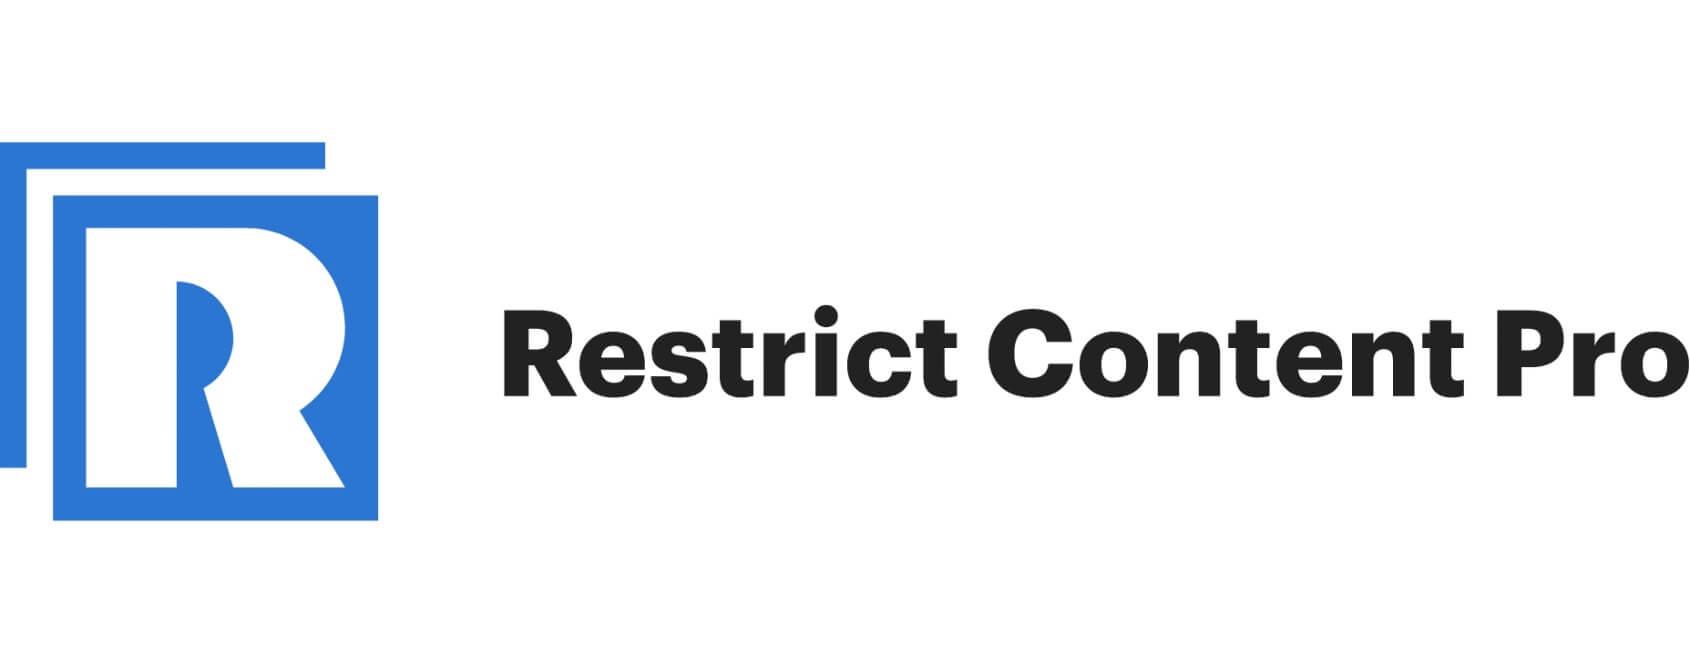 restrict content pro logo